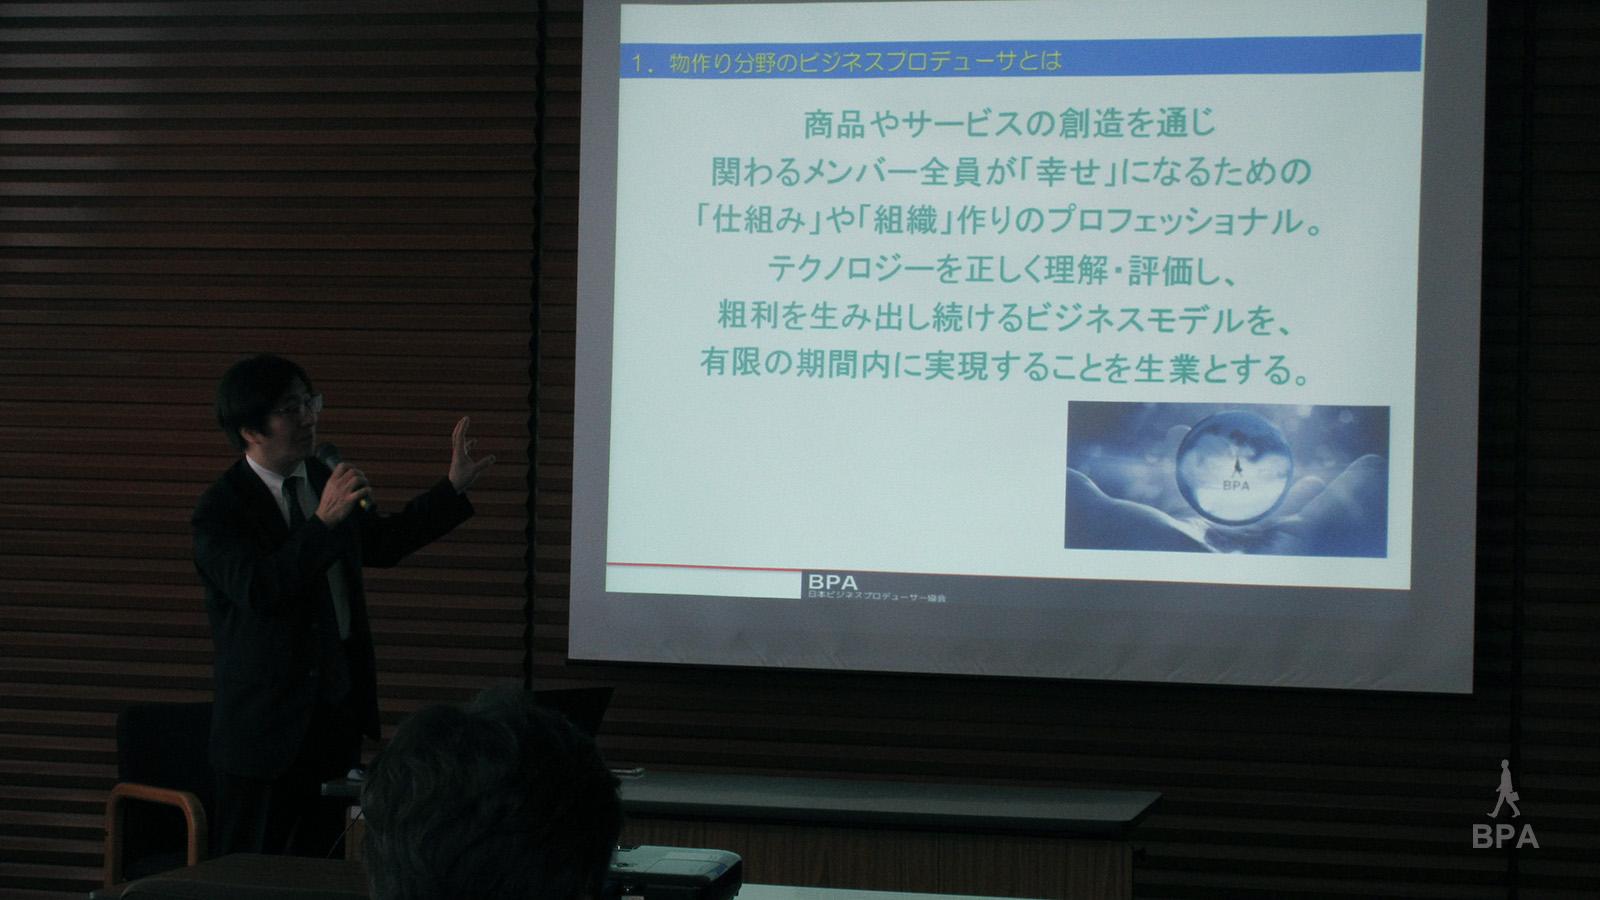 エンジニア と共に日本の物作りを復活 させる 稲畑達雄